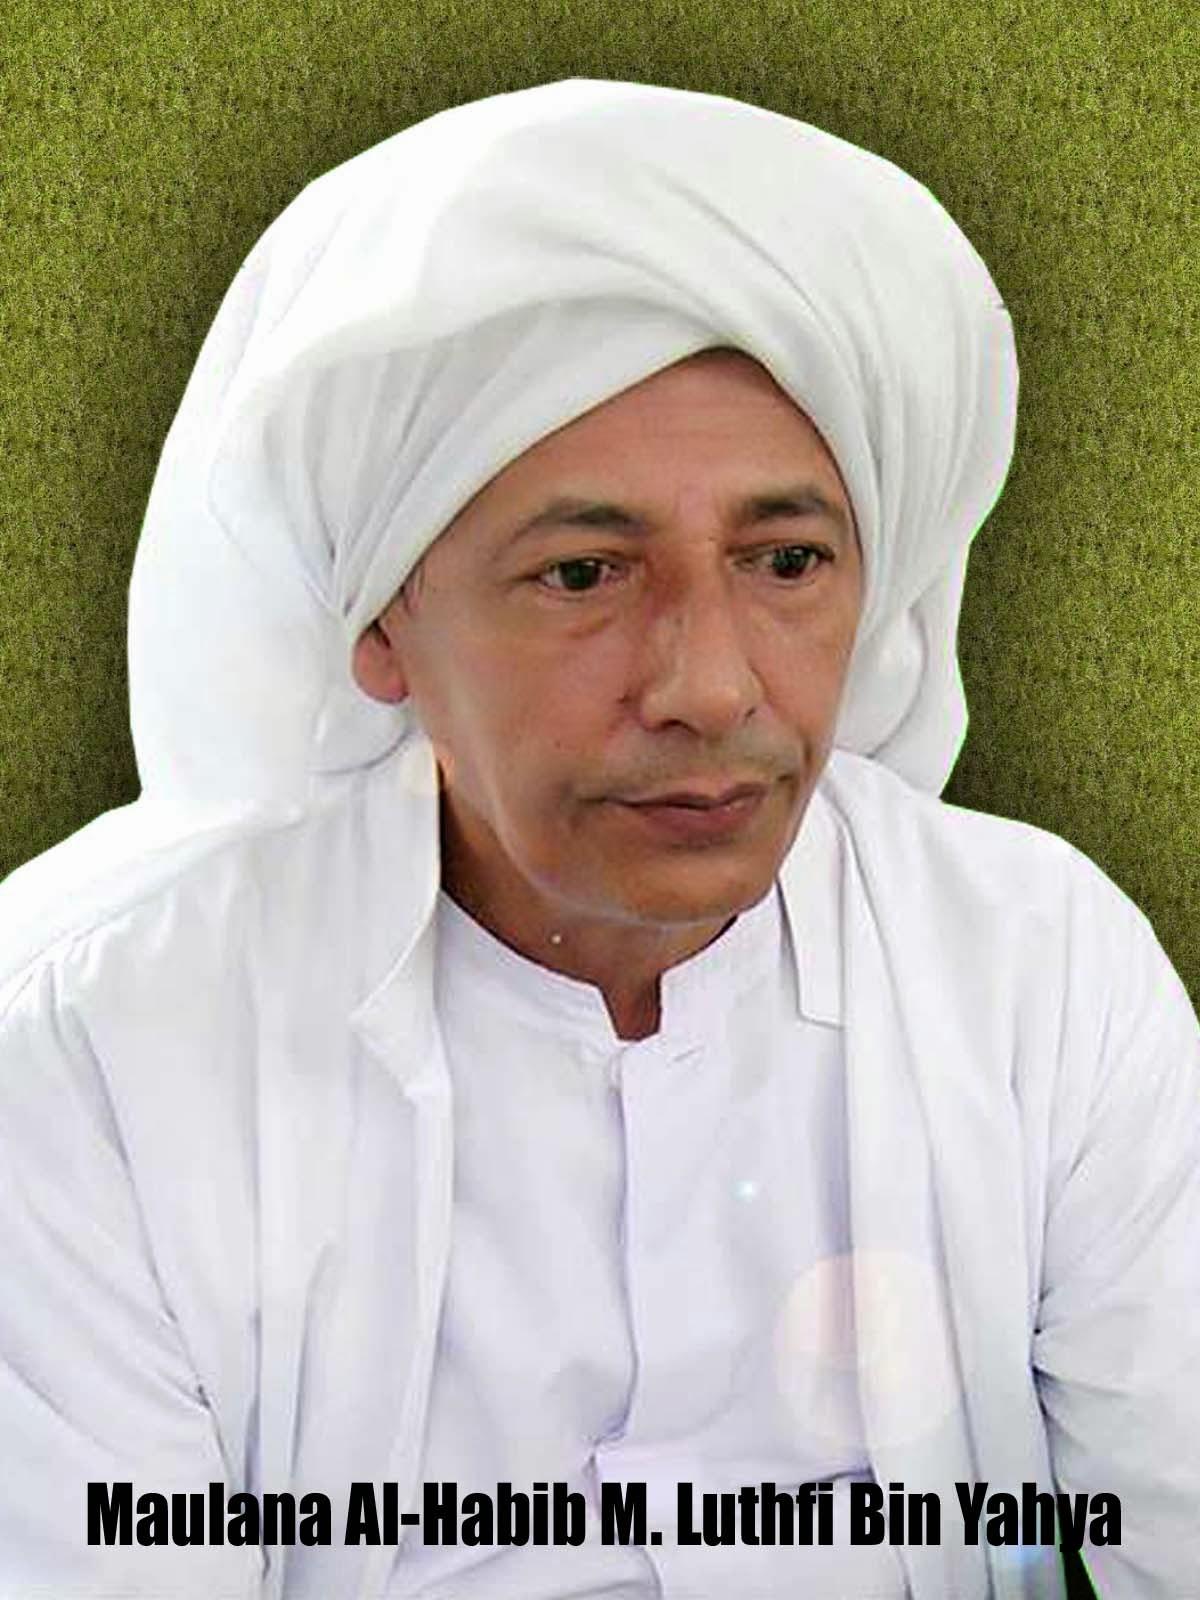 Pustaka Muhibbin Web Para Pecinta Kisah Guruku Habib Luthfi Bin Yahya Dan Seorang Ahmadiyyah Yang Kembali Bersyahadat